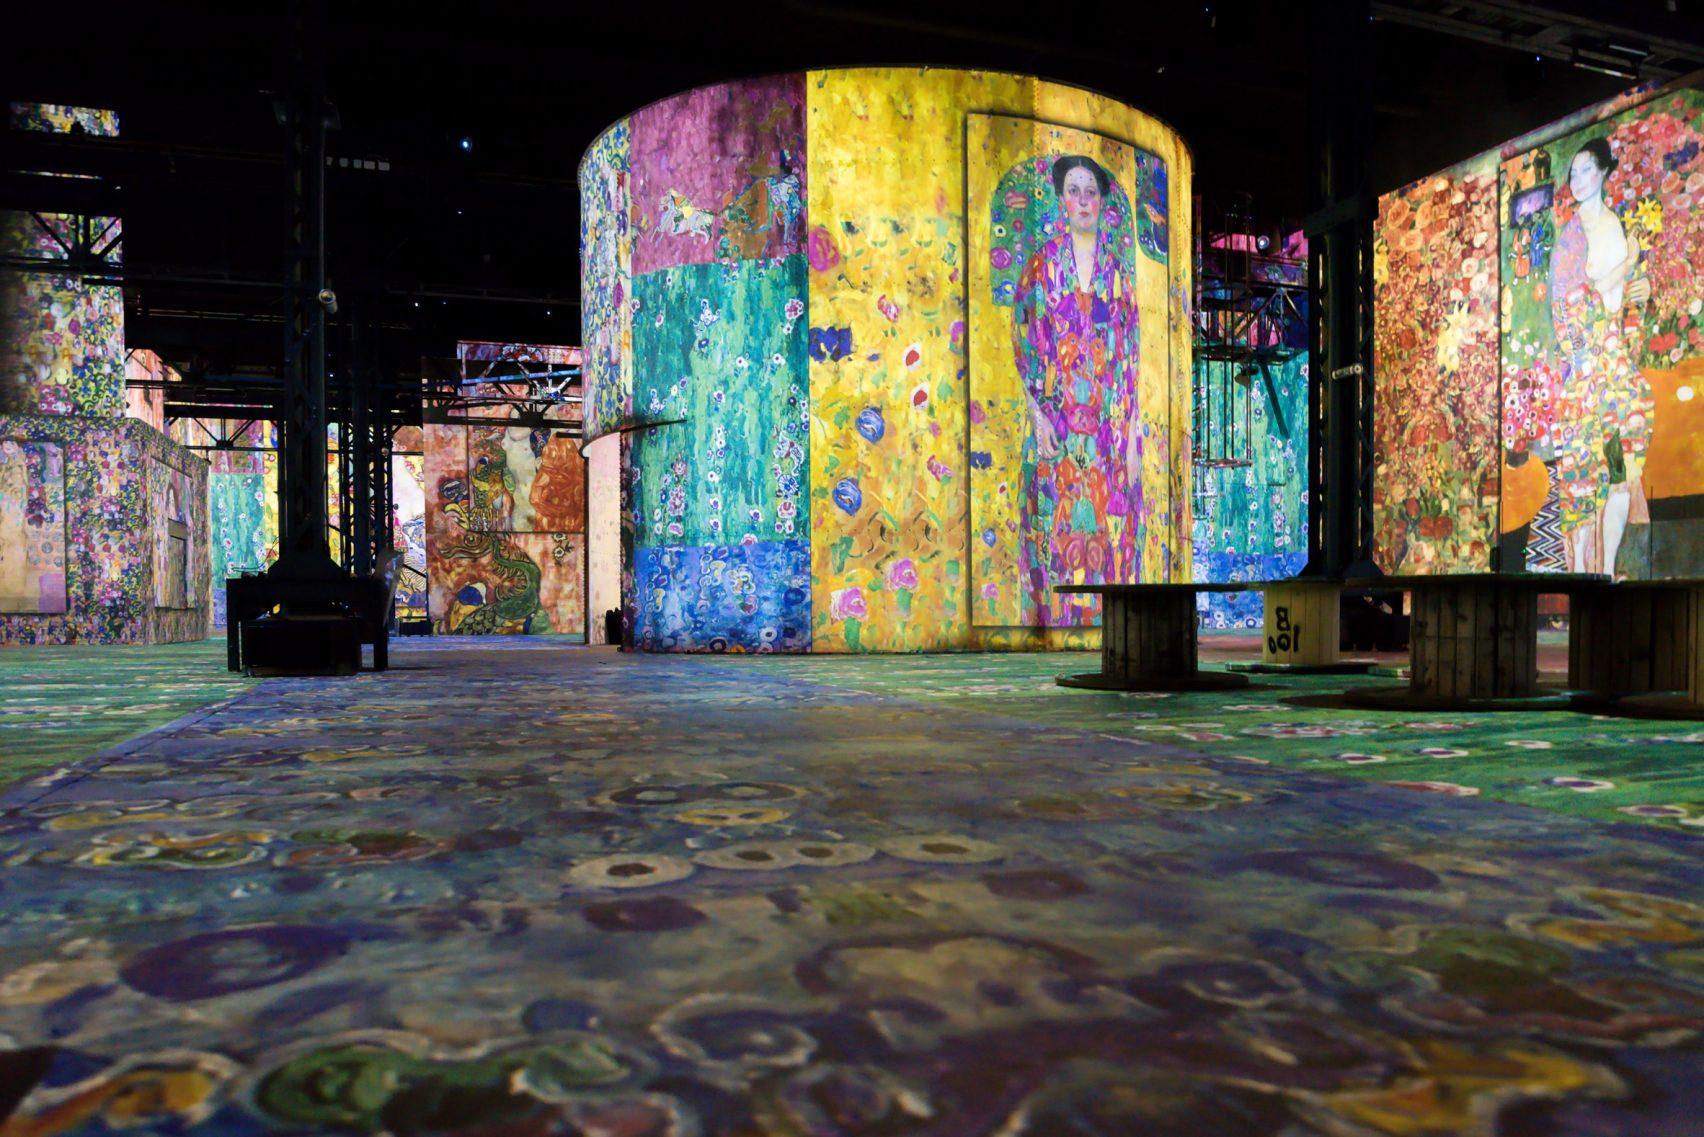 paris atelier lights digital fine art museum design dezeen 2364 col 1 1704x1137 - L'Atelier des Lumières: une révolution scénographique 2.0 ?